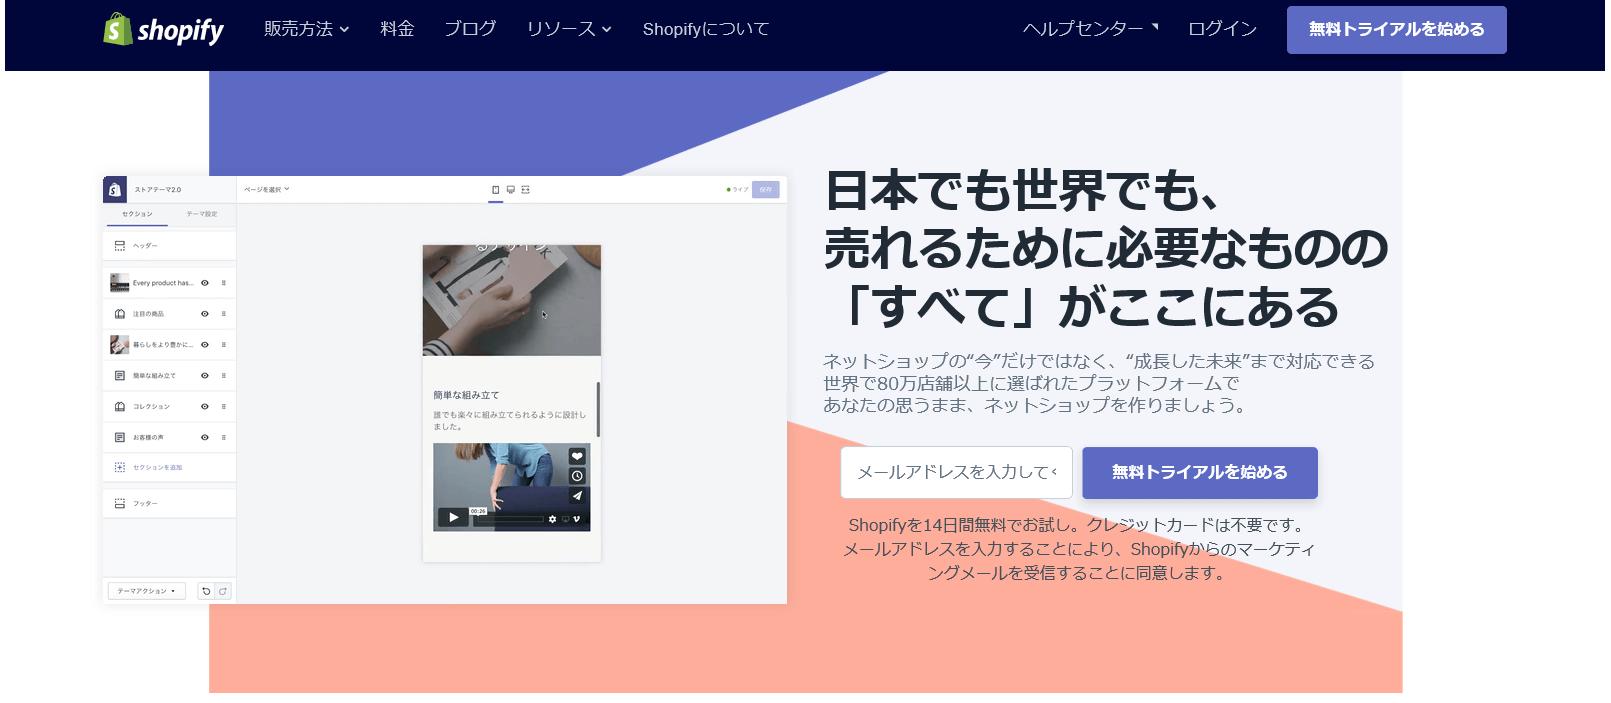 ECサイトプラットフォームShopify